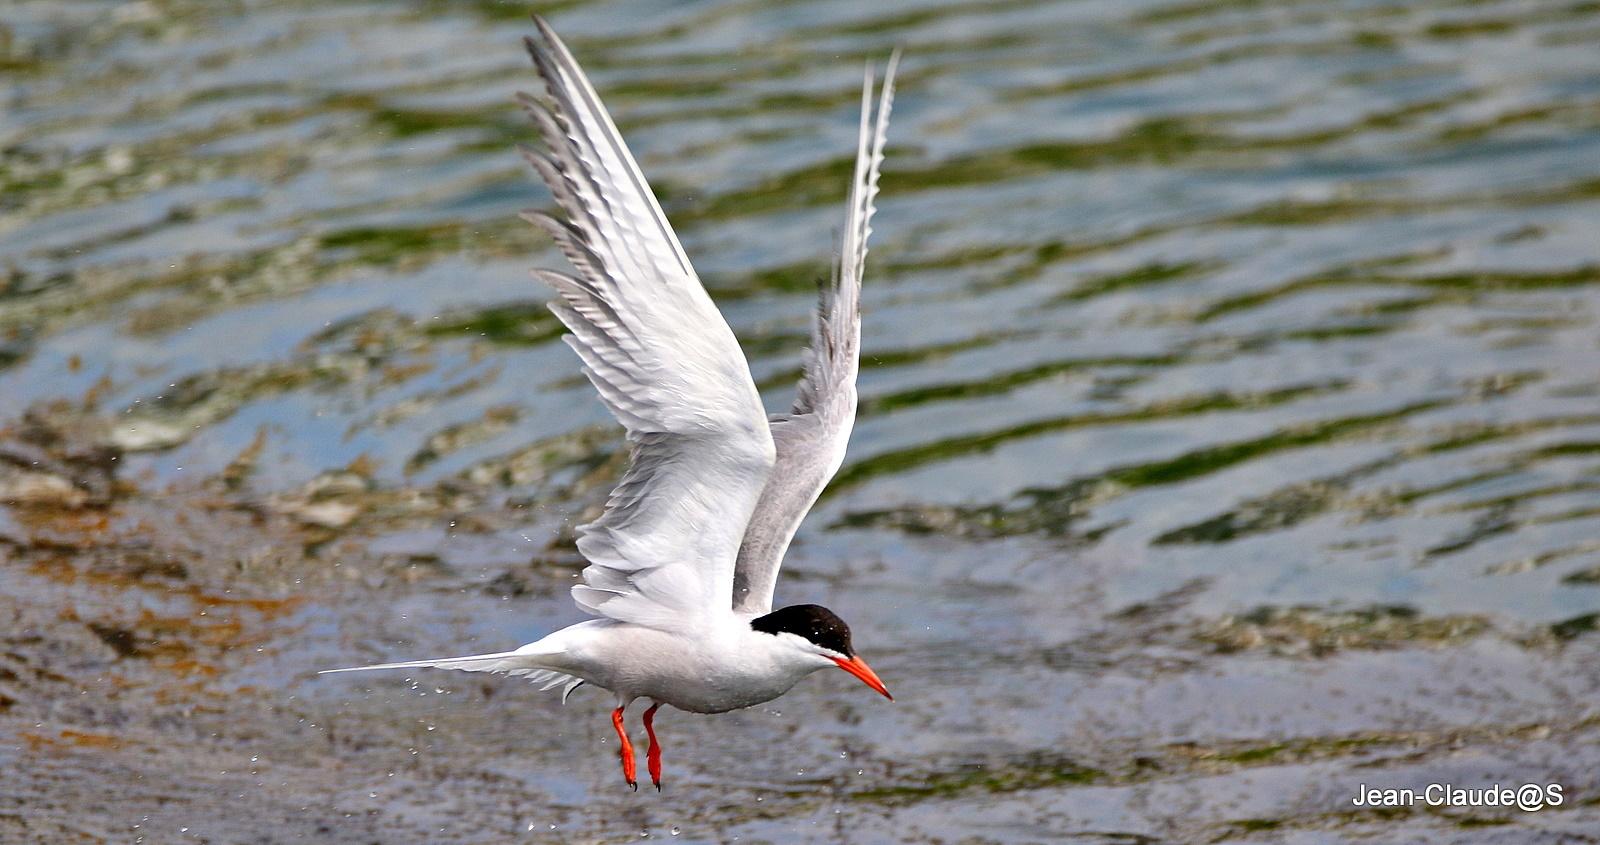 Les oiseaux de la Ria d'Etel - Page 5 Img_0066-54a694e